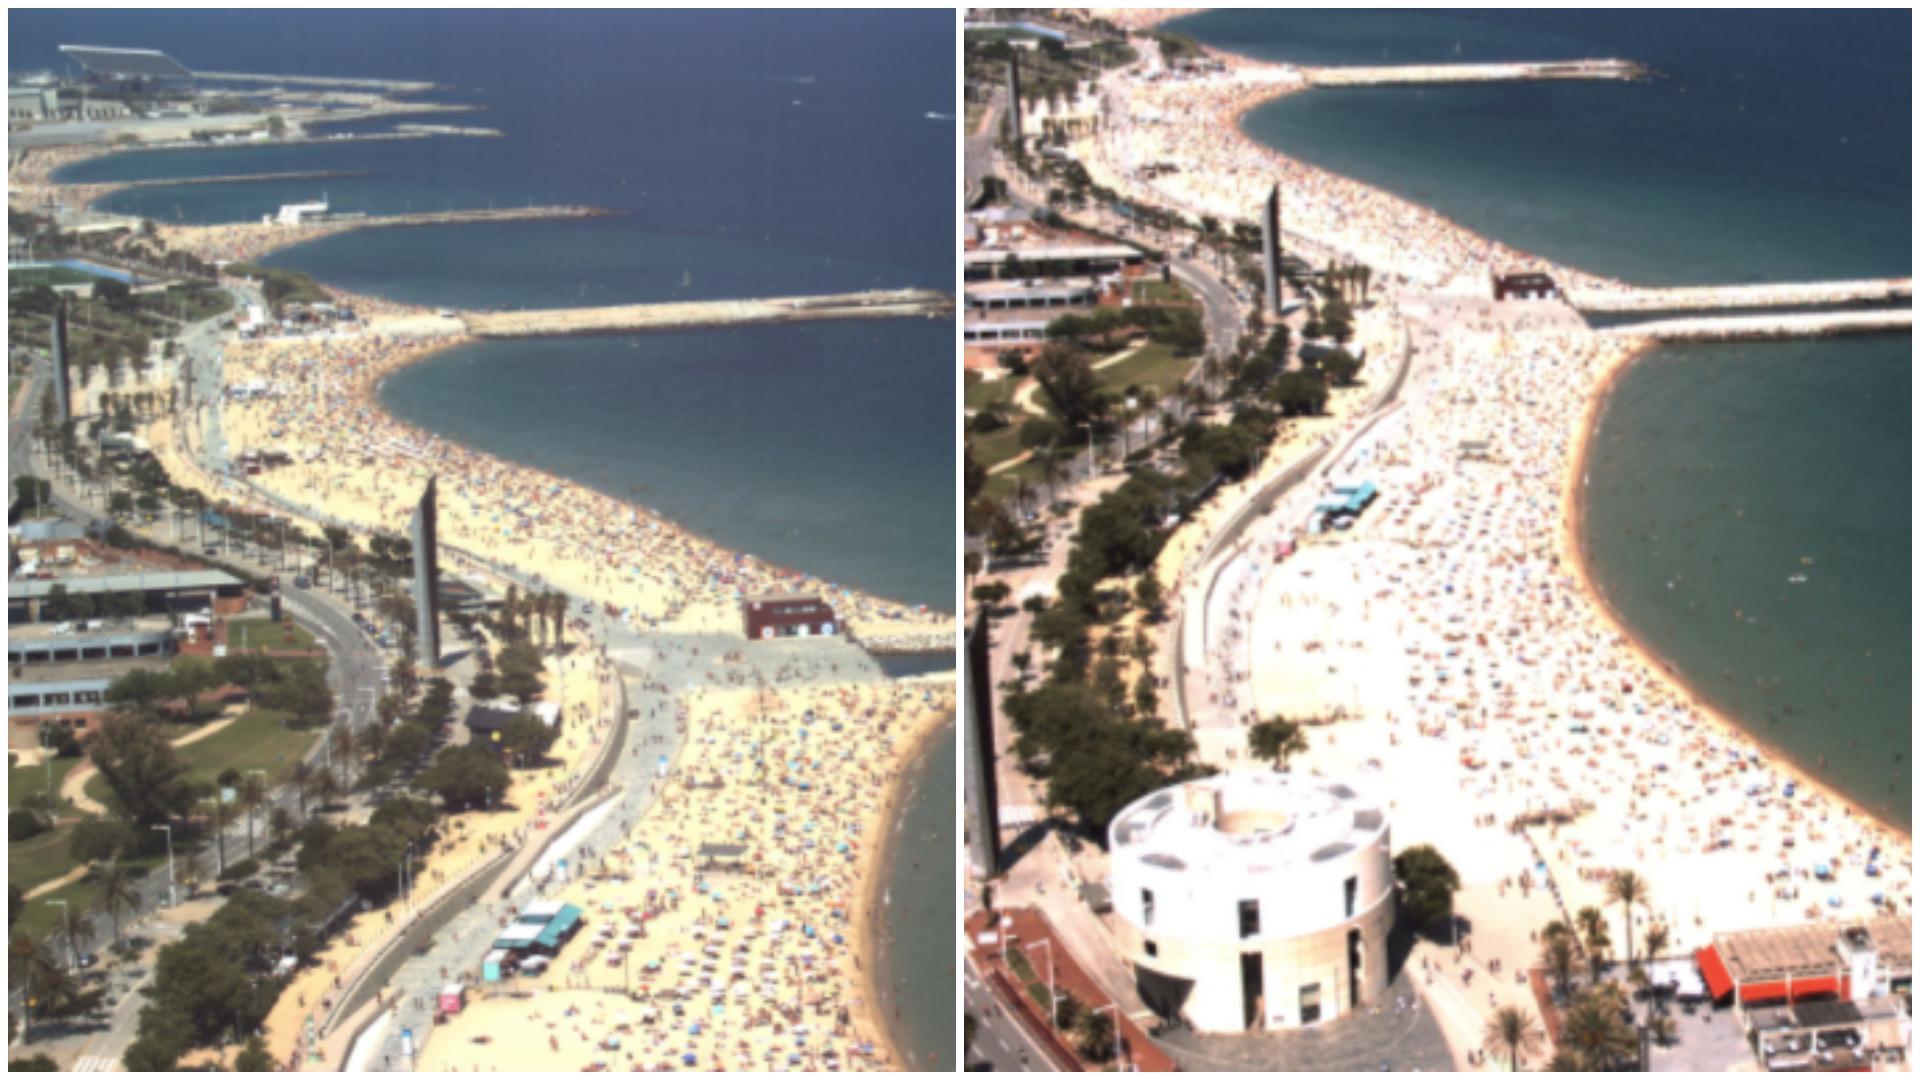 Vista de les platges del Bogatell i de la Nova Icària a les 14h d'aquest diumenge, captada per les webcams municipals / Ajuntament de Barcelona